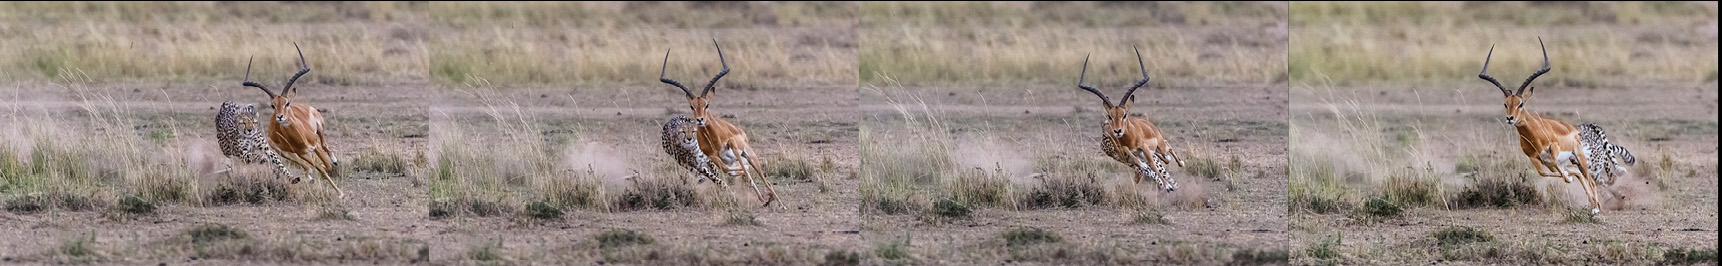 Der Gepard war bereits nach kurzer Zeit auf Schlagdistanz und es sah so aus, als wenn die Antilope keine Chance hätte